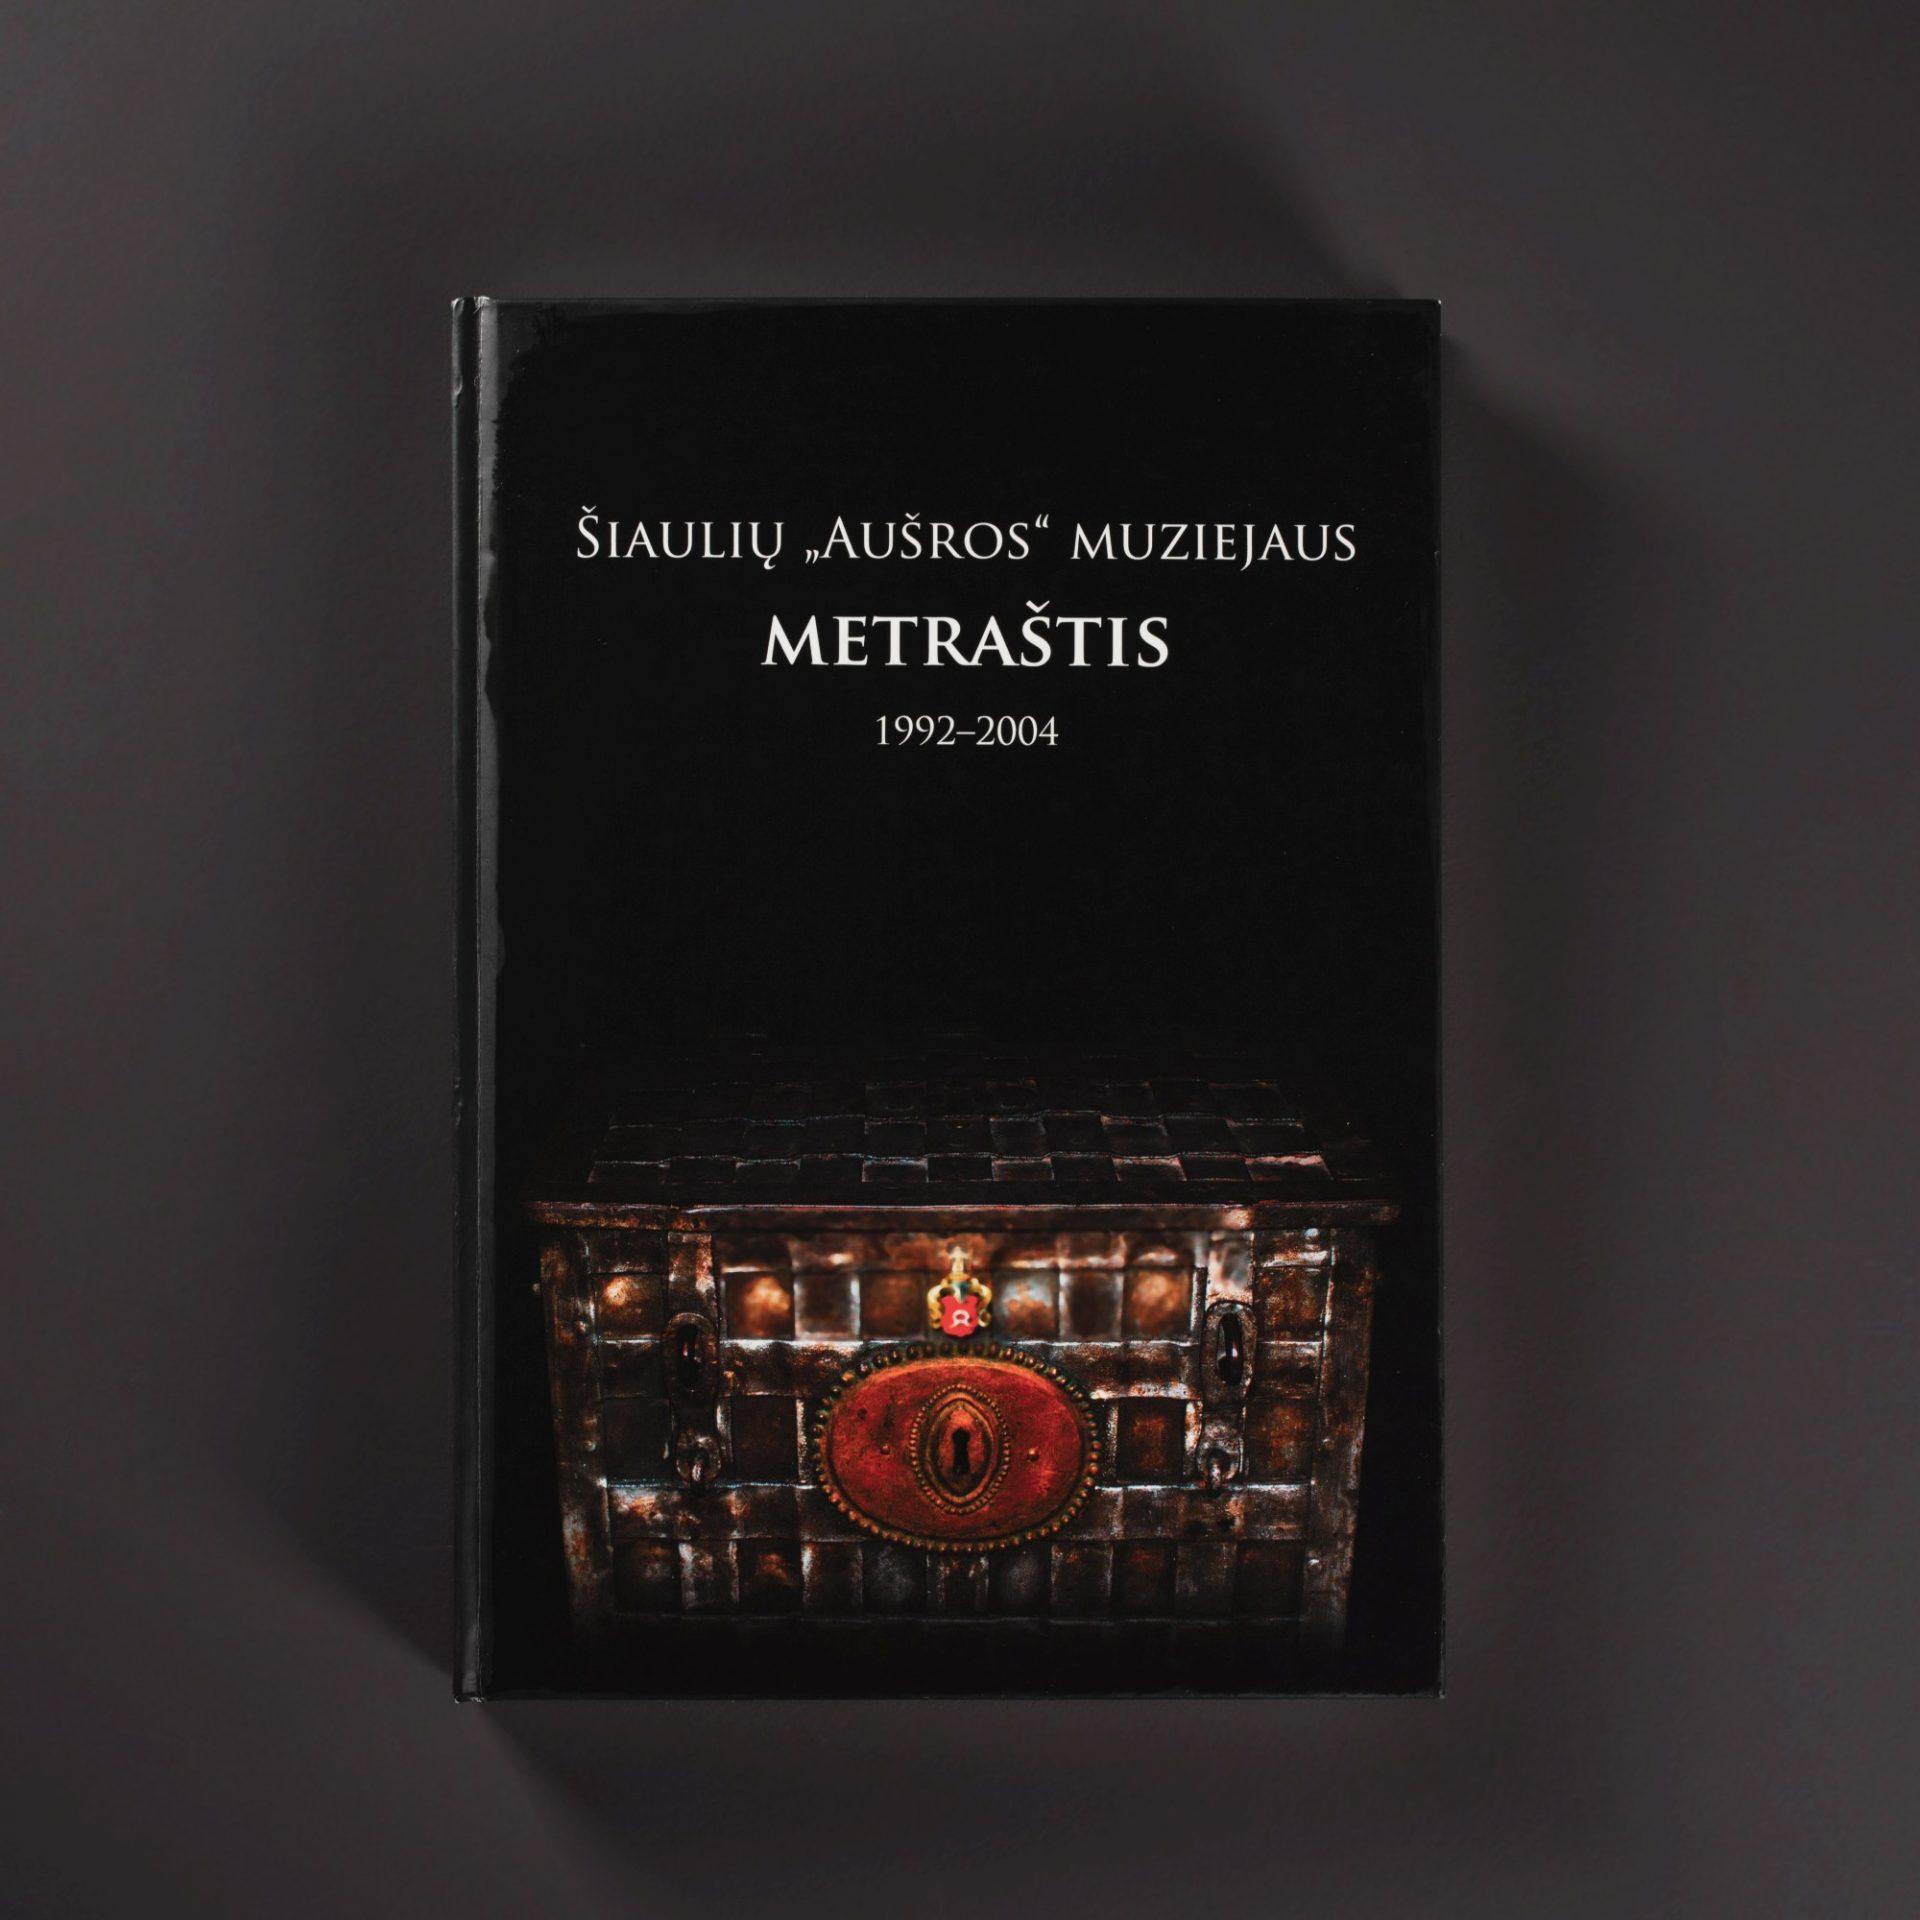 """Šiaulių """"Aušros"""" muziejaus metraštis 1992-2004"""